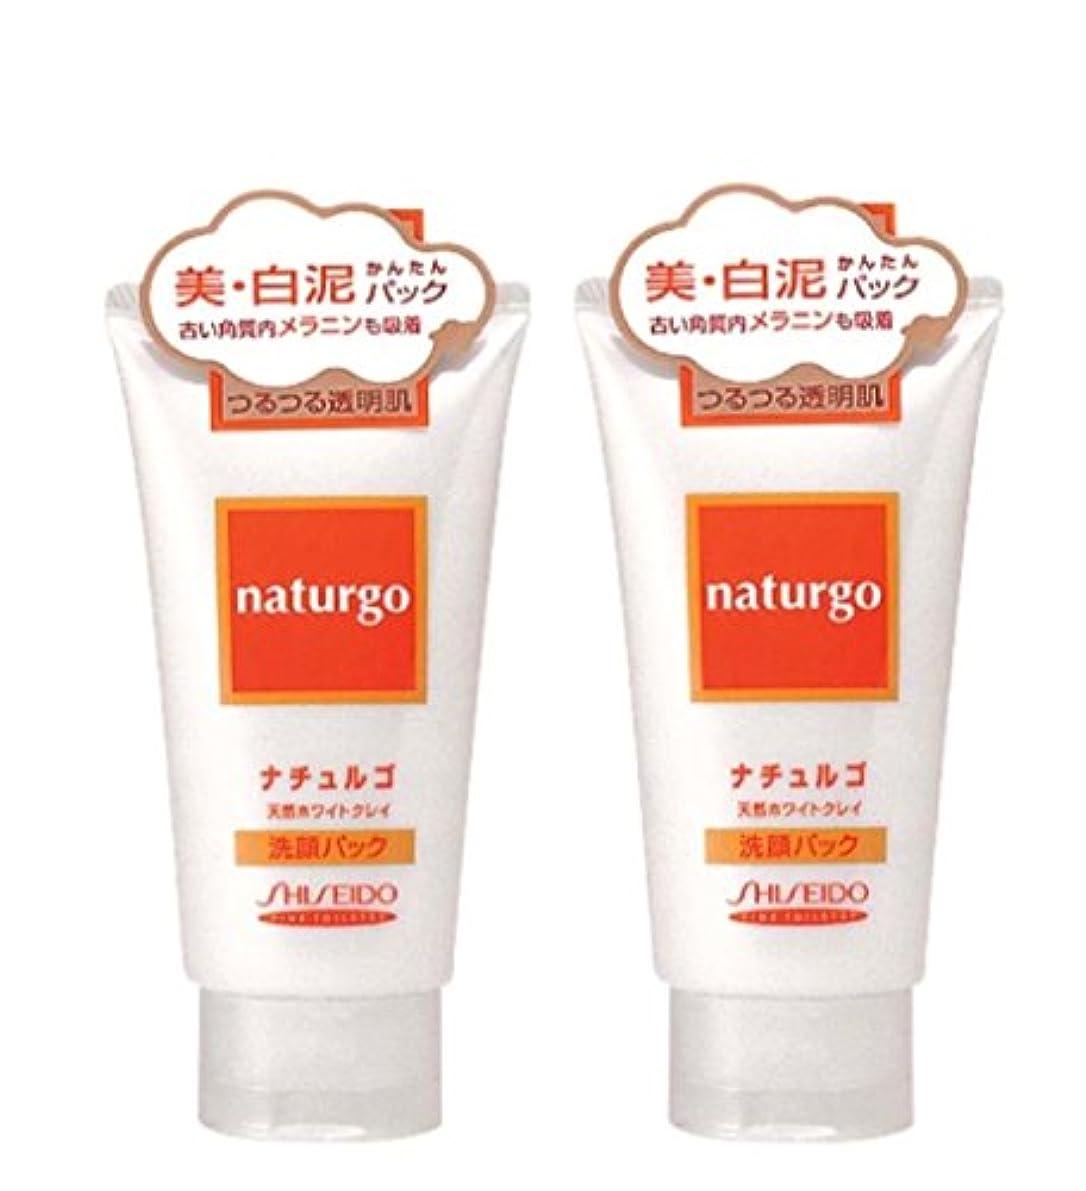 コードレス絶望的なこどもセンター【まとめ買い】ナチュルゴ 天然ホワイトクレイ洗顔パック 120g ×2セット